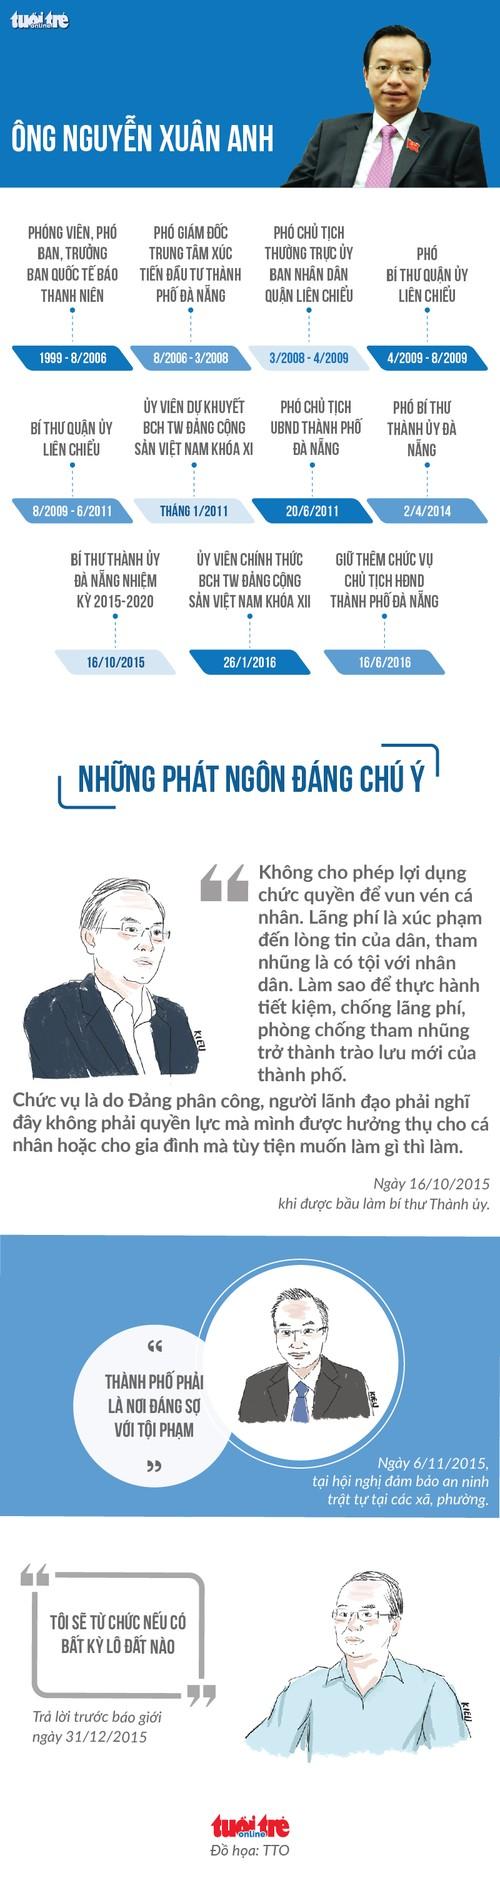 Uy ban KTTW: Vi pham cua Bi thu Da Nang Nguyen Xuan Anh nghiem trong-Hinh-3